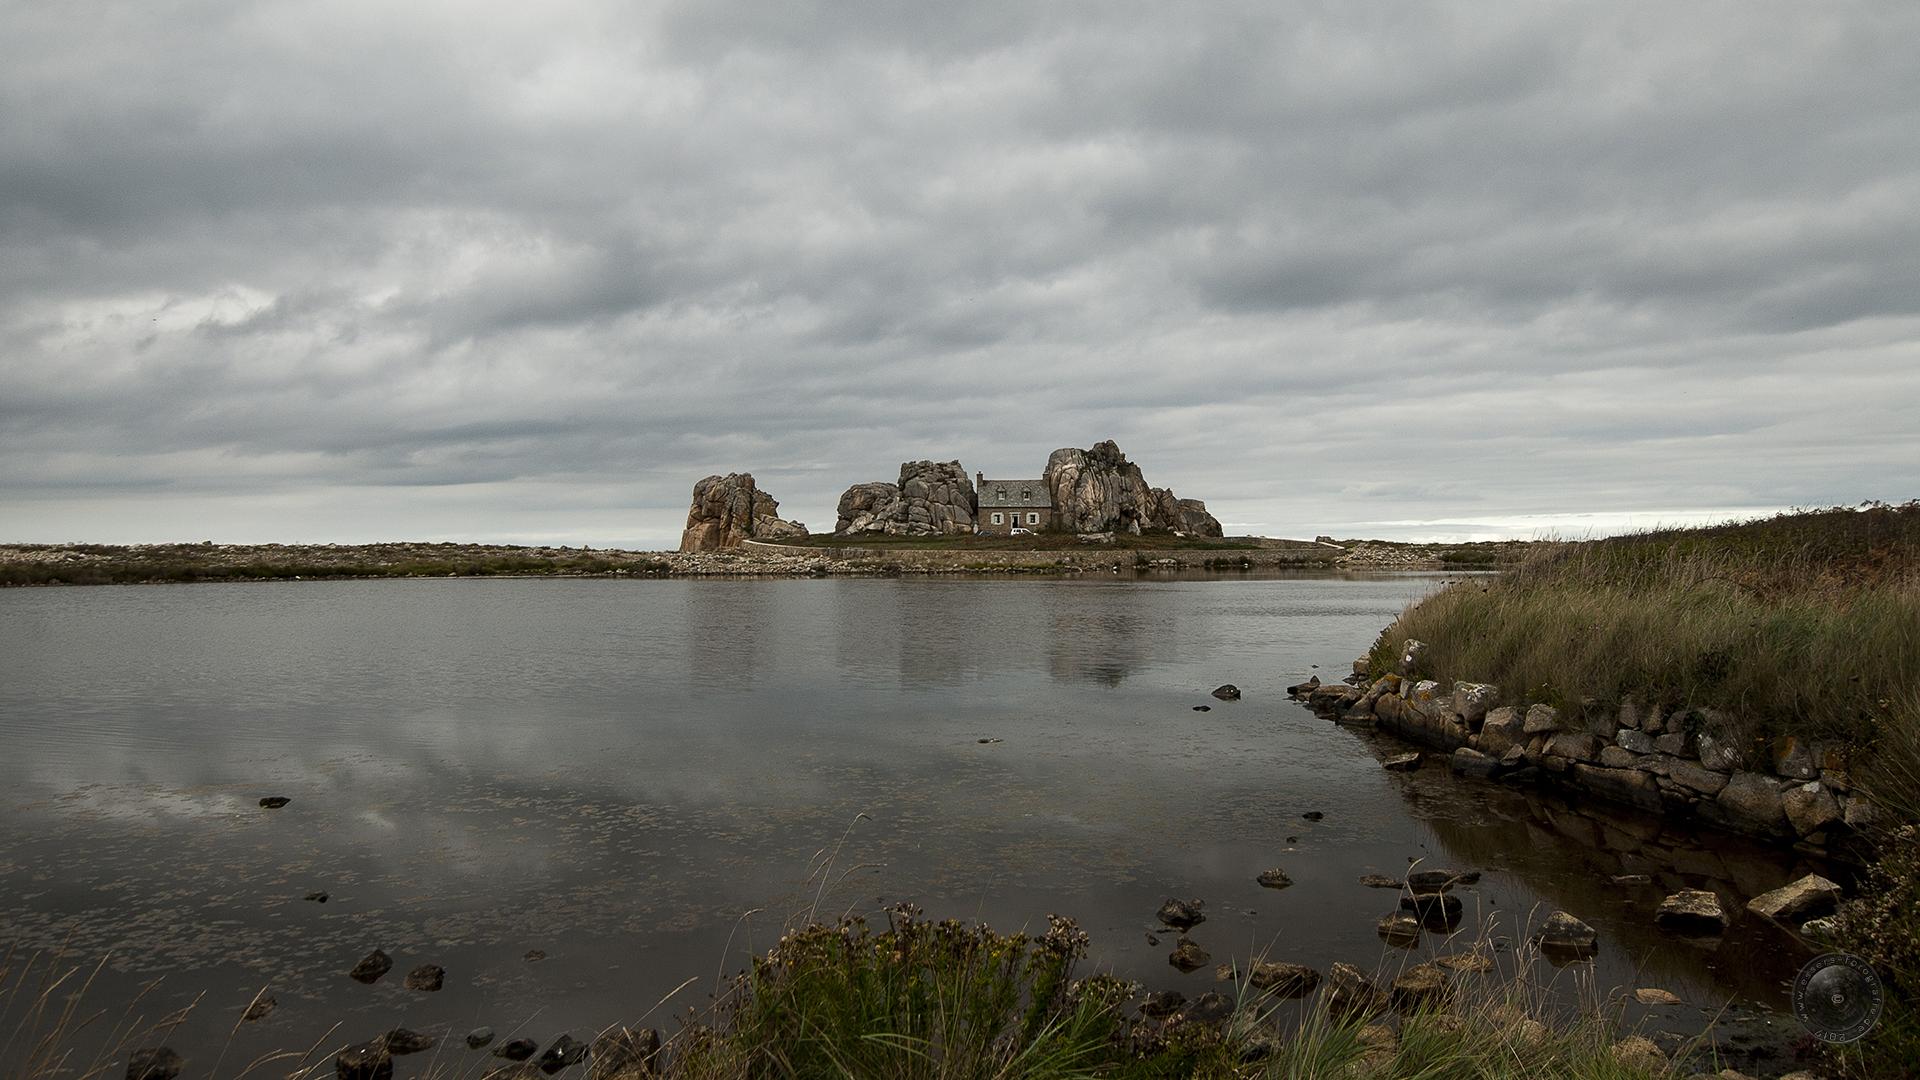 Castel Meur, in Plougrescant im Département Côtes-d'Armor in der Bretagne